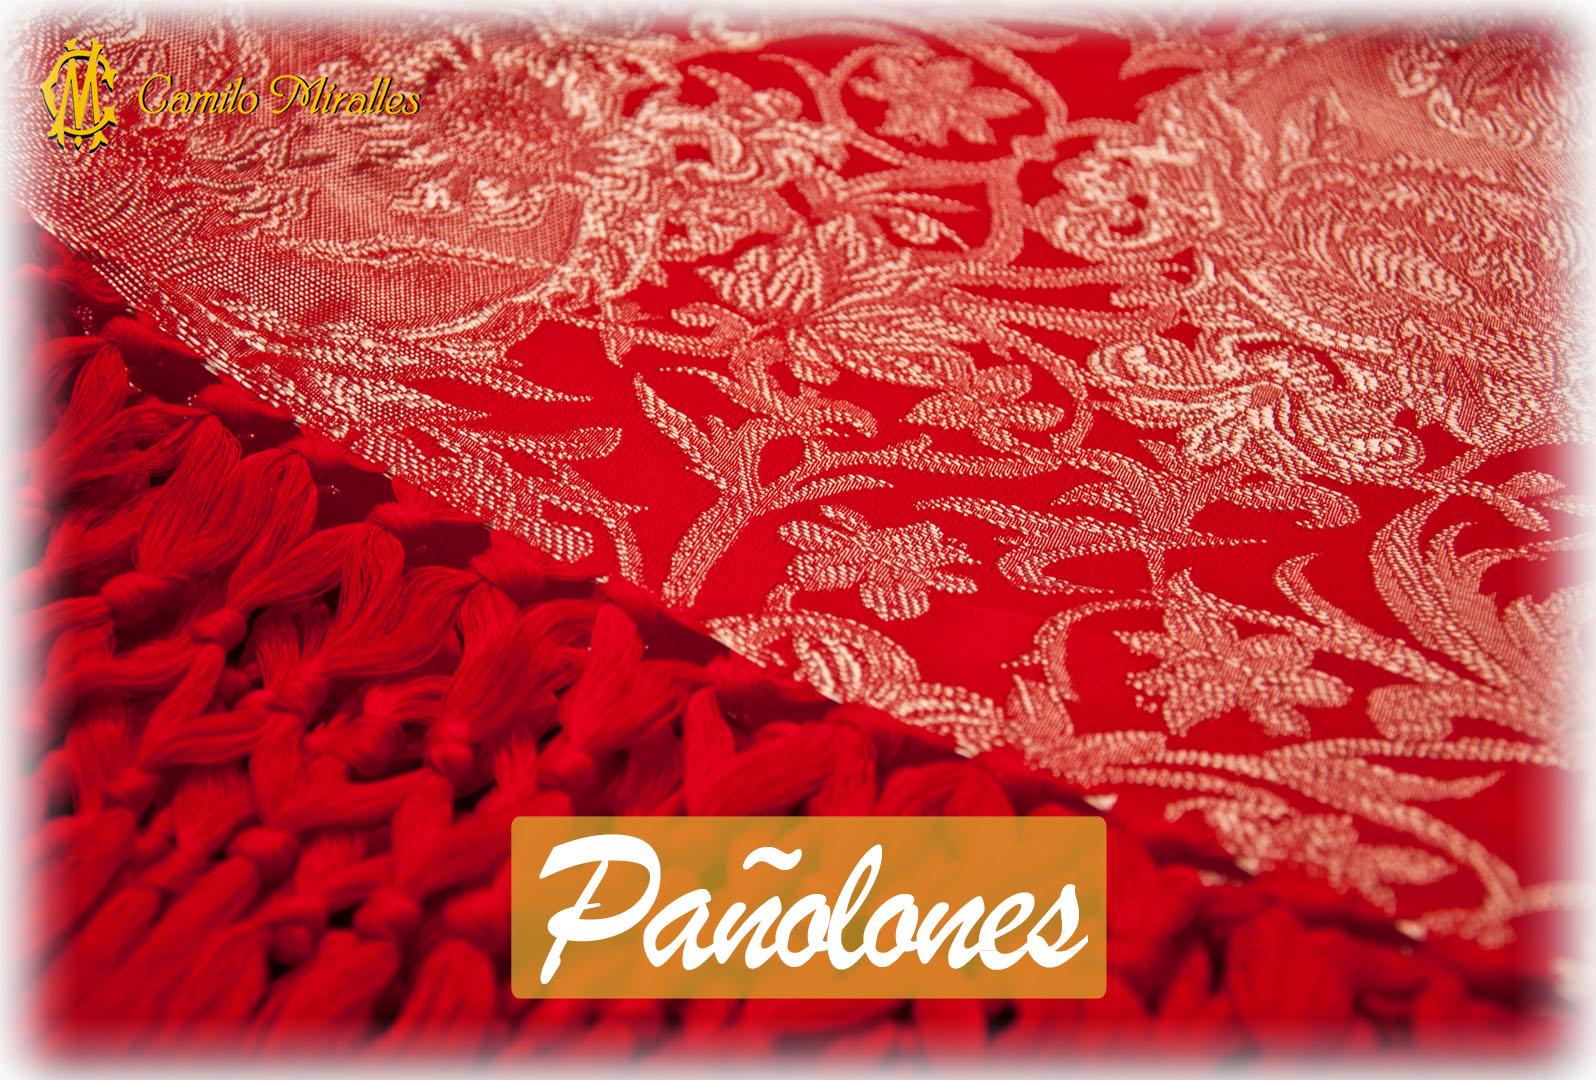 tejidos valencianos tradicionales, valencia, Camilo Miralles, Tejidos, Seda, Tradición, Manufactura, Confección, Calidad, Telas